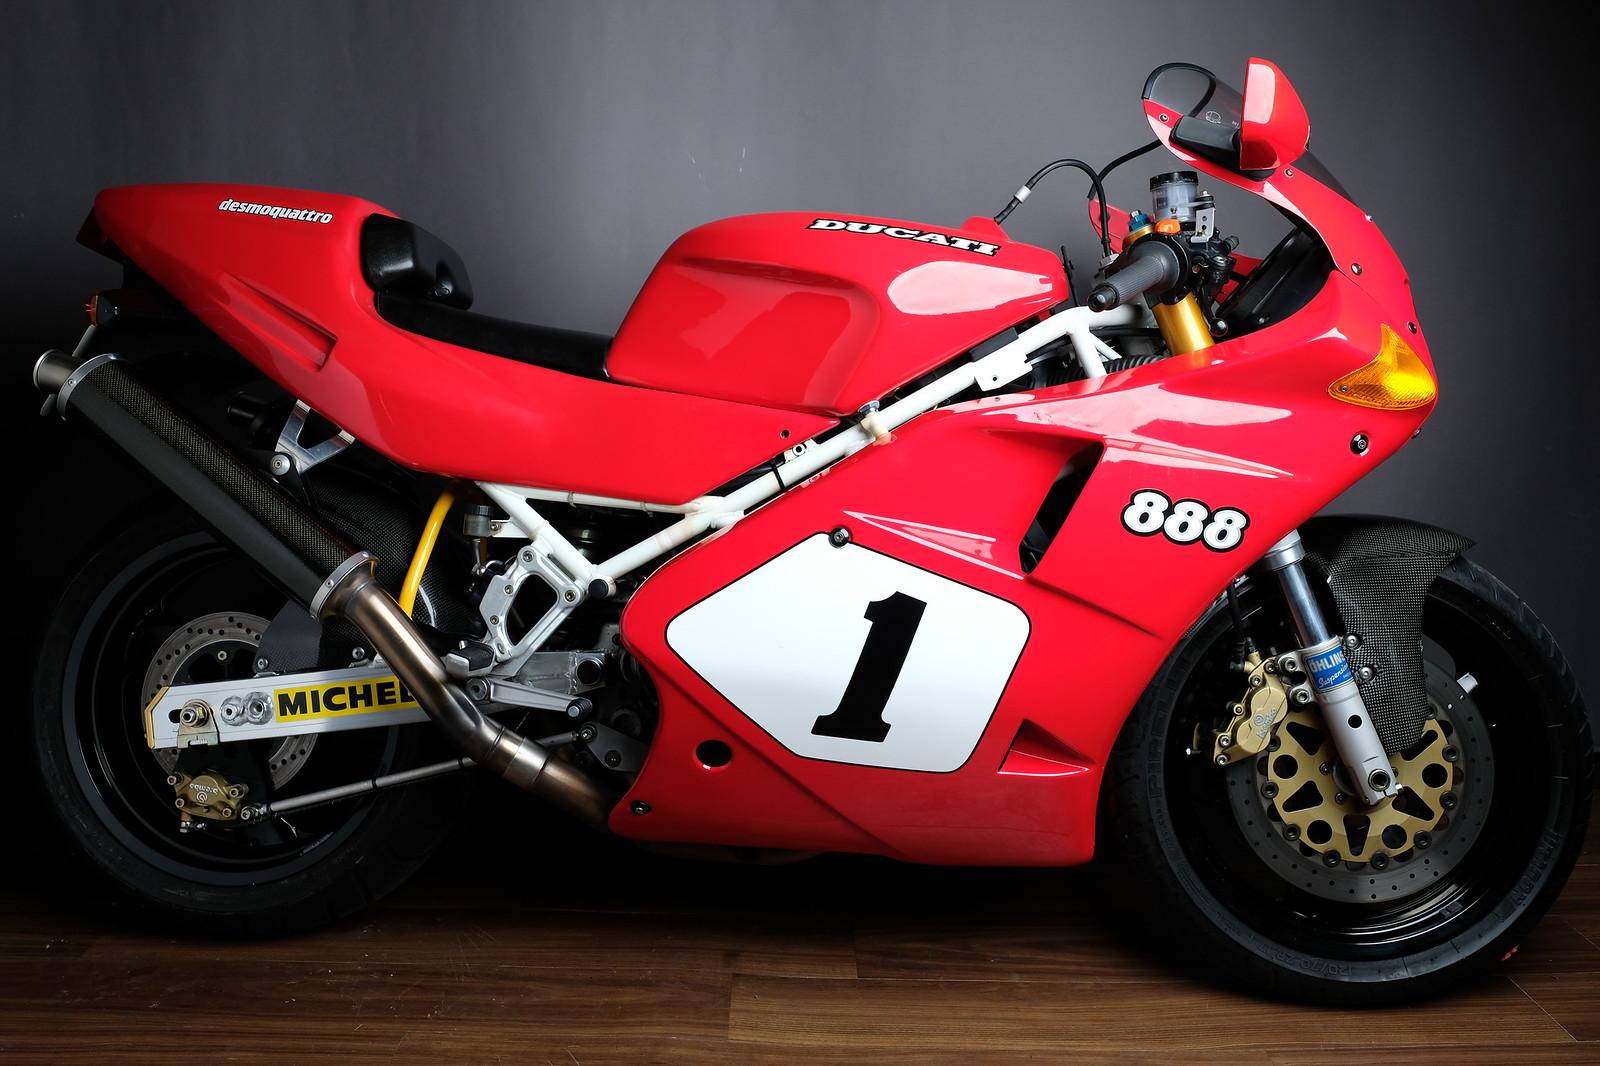 Ducati 888 SP4S